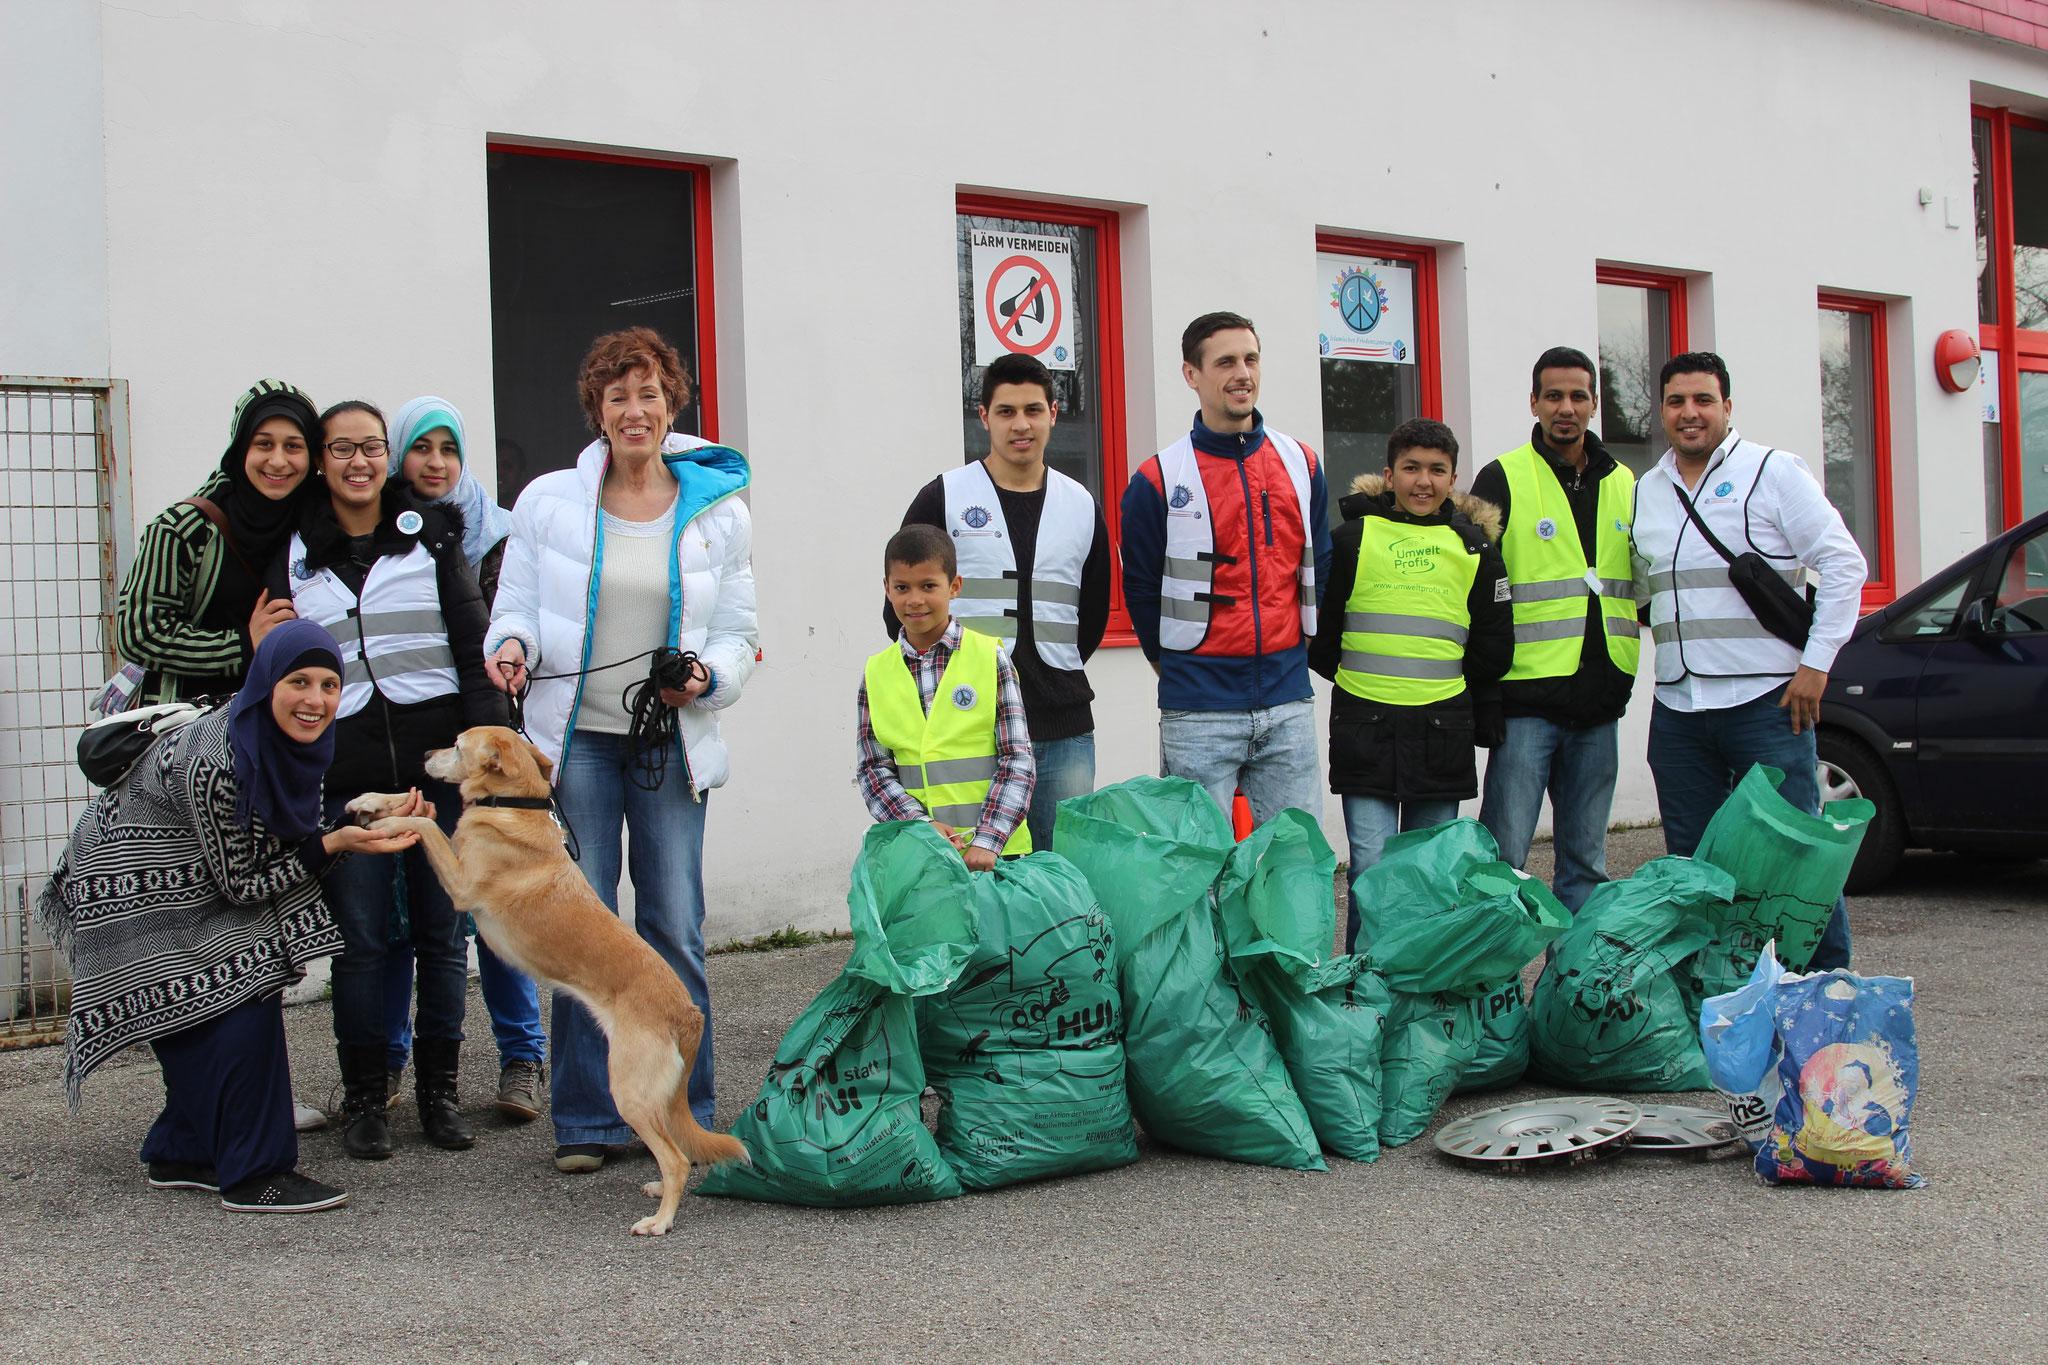 Ca. 50 kg Müll wurde in nur zwei Stunden gesammelt